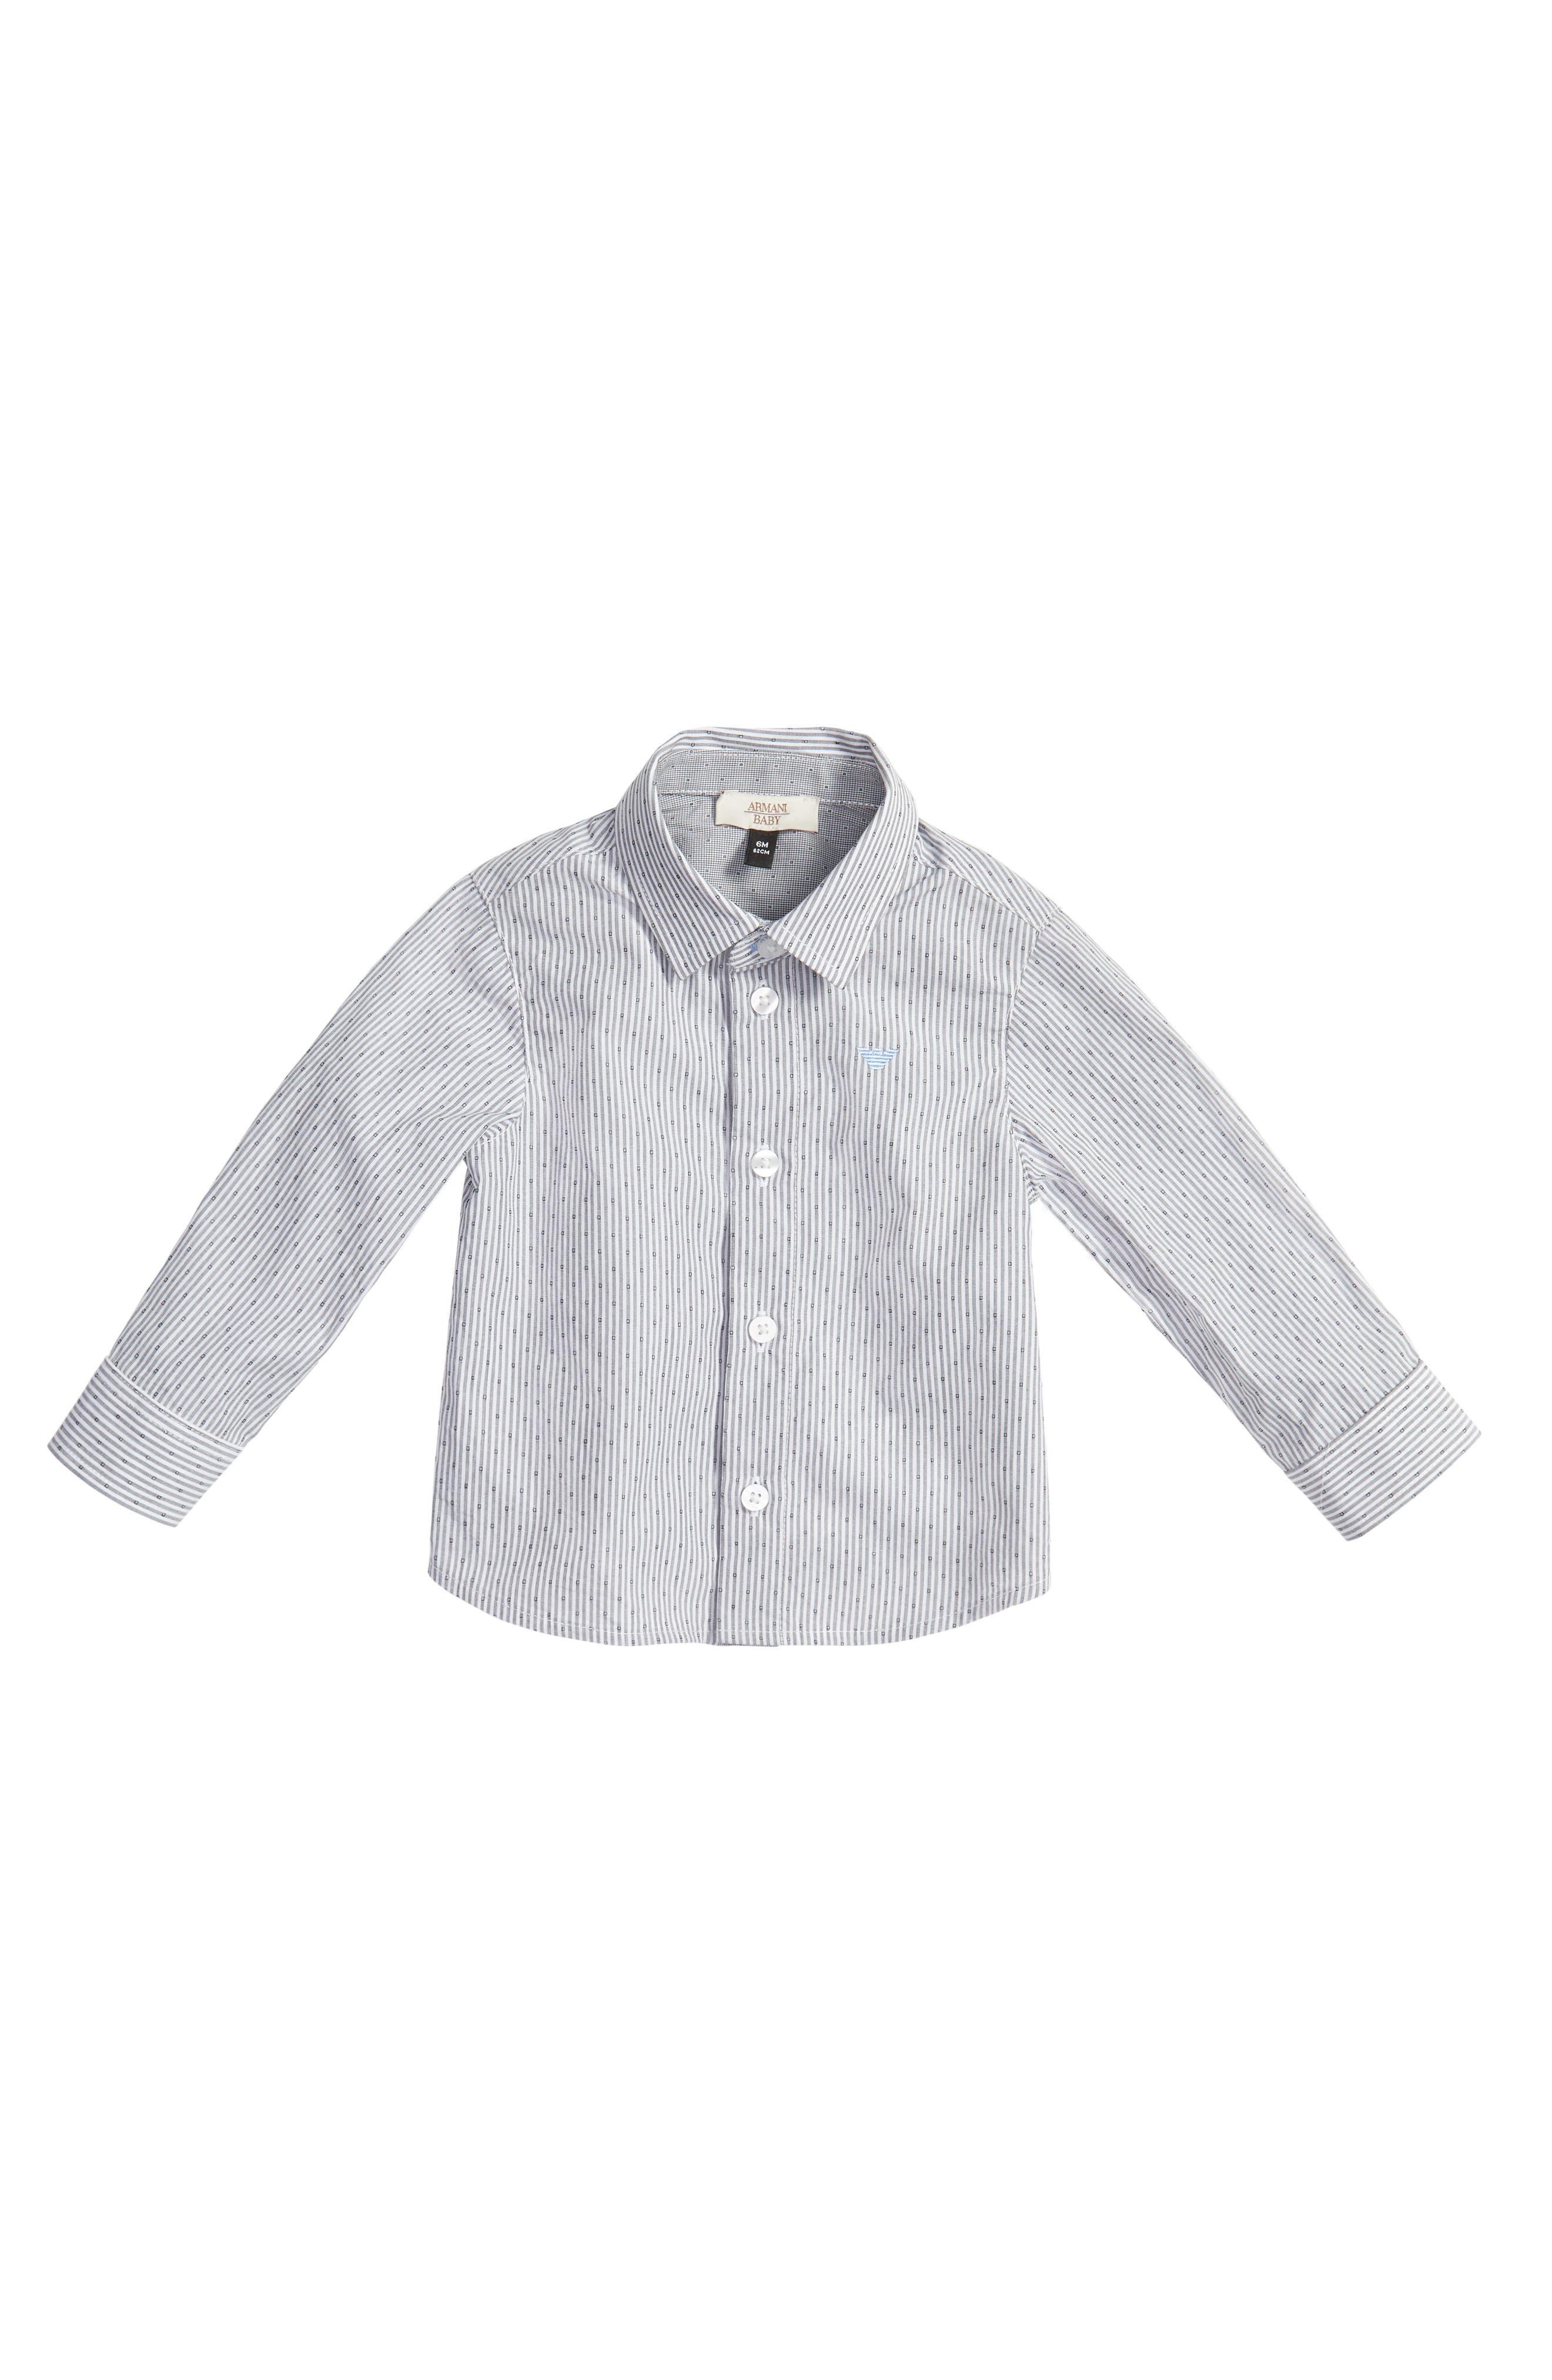 Stripe Dress Shirt,                             Main thumbnail 1, color,